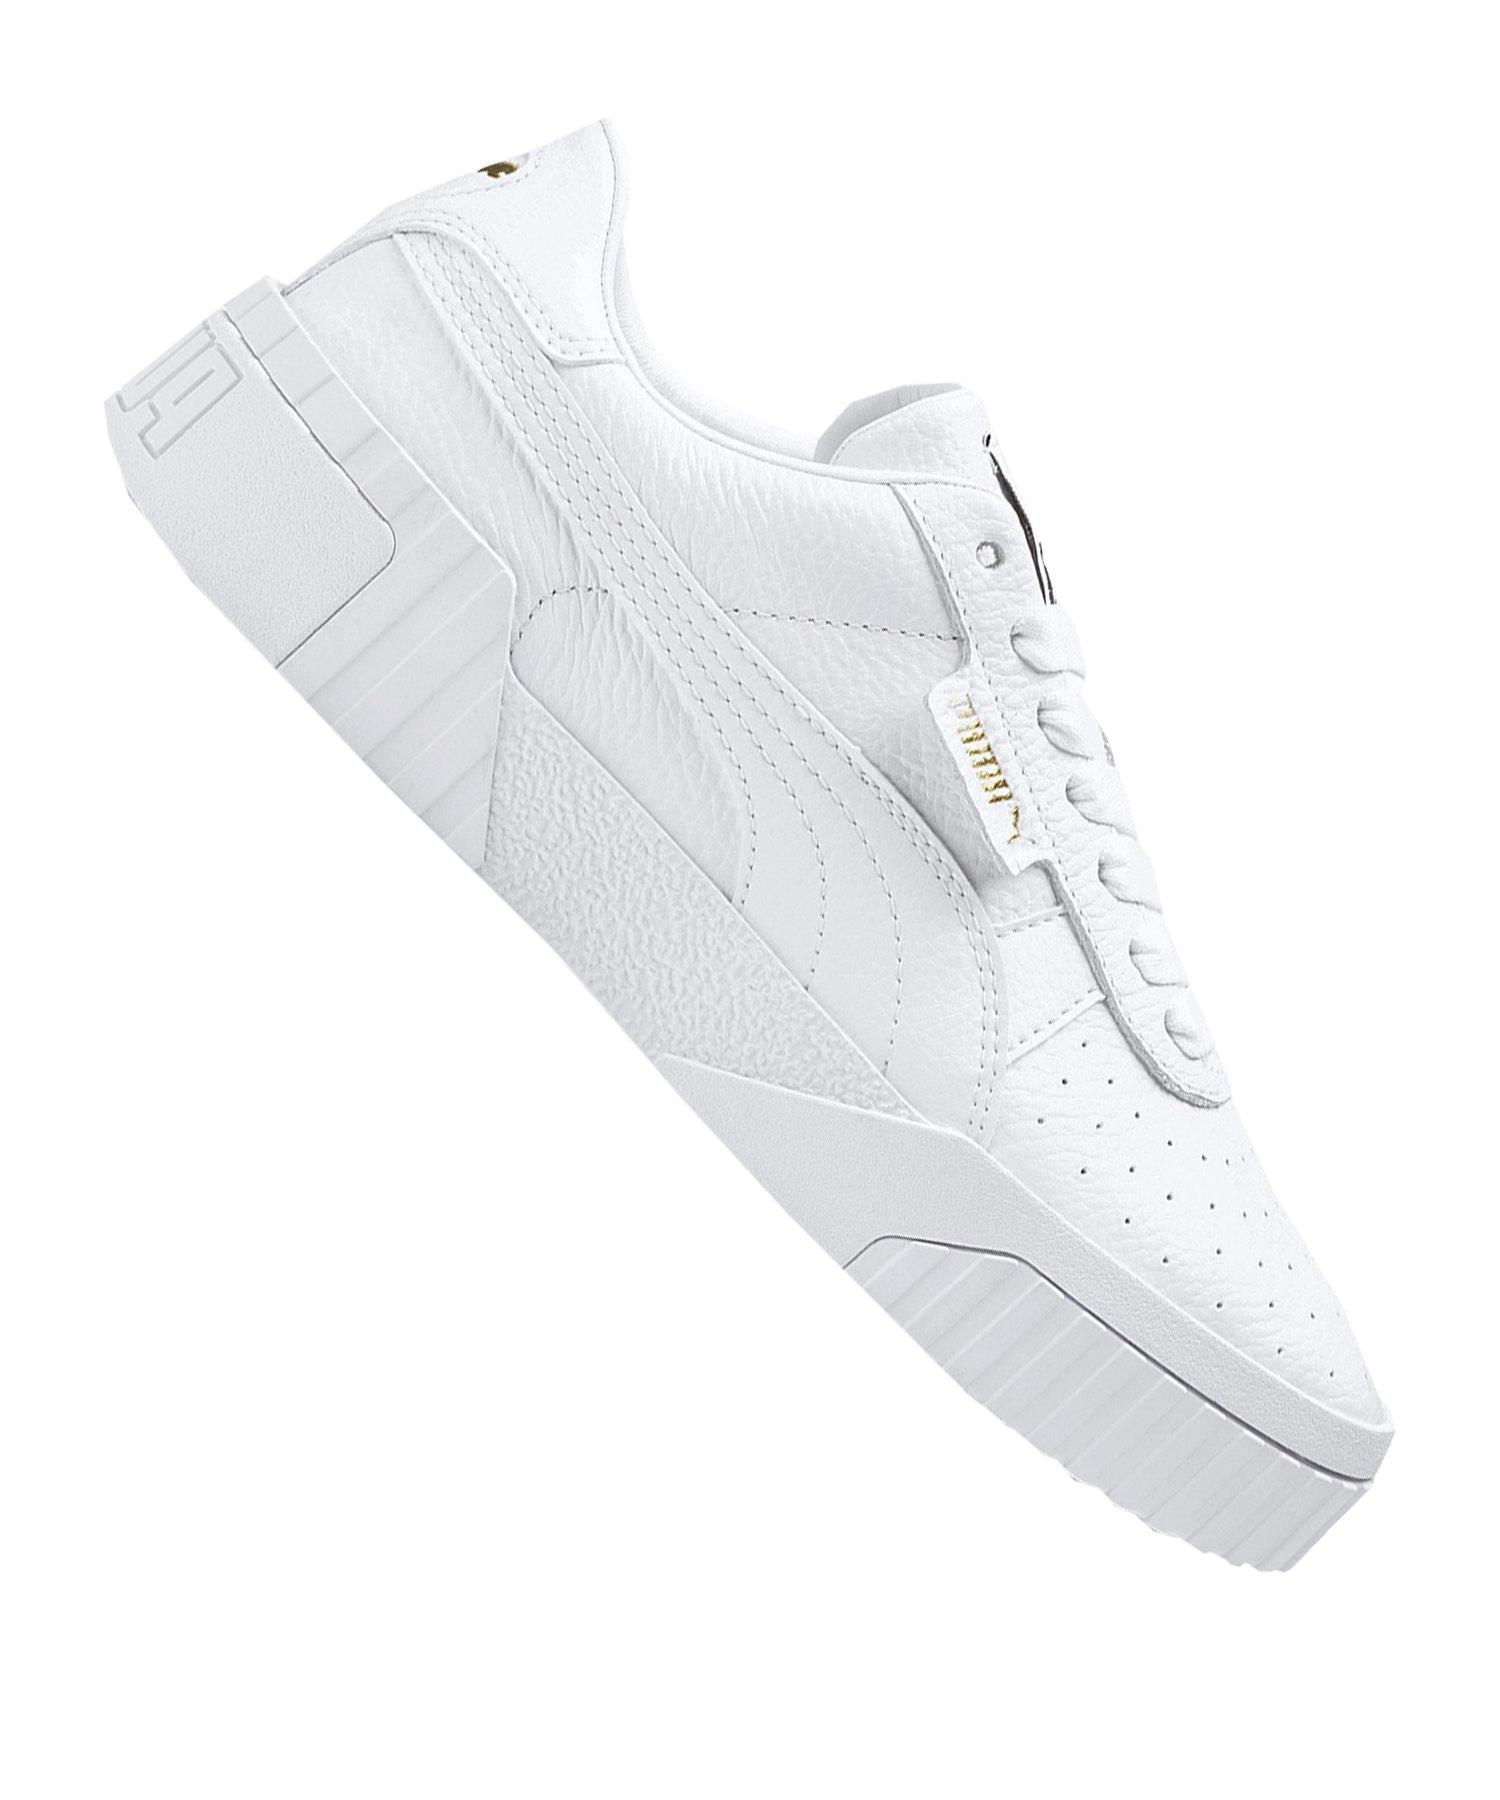 PUMA Cali Sneaker Damen Weiss F01 - weiss